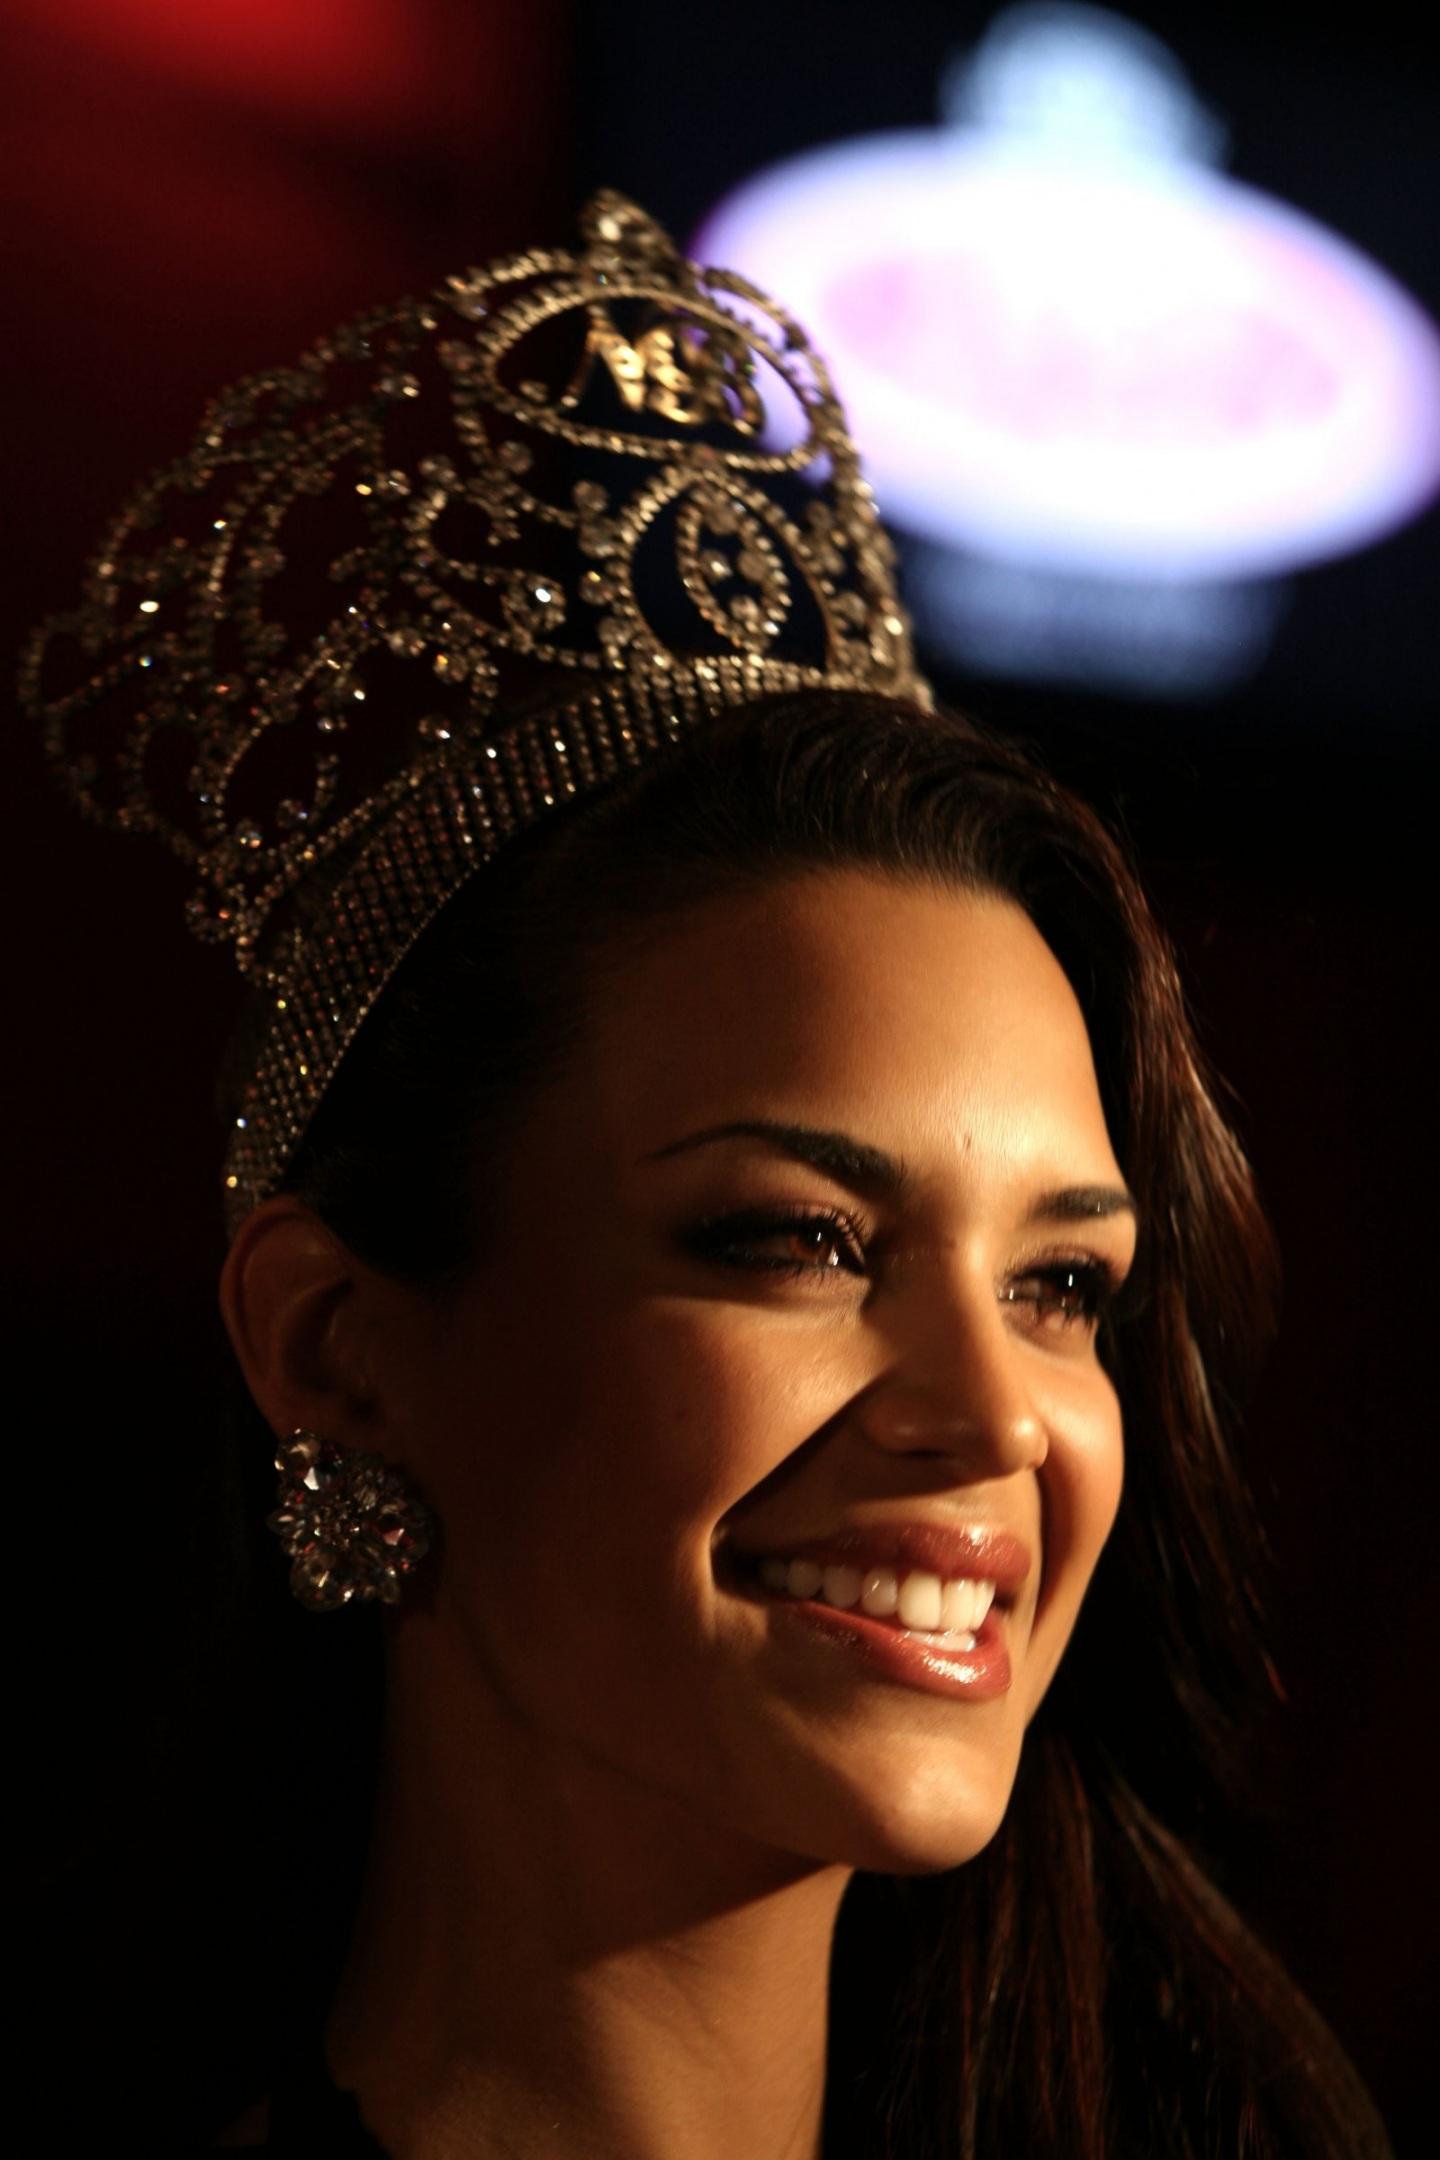 elisa najera, top 5 de miss universe 2008. C49h9d3o